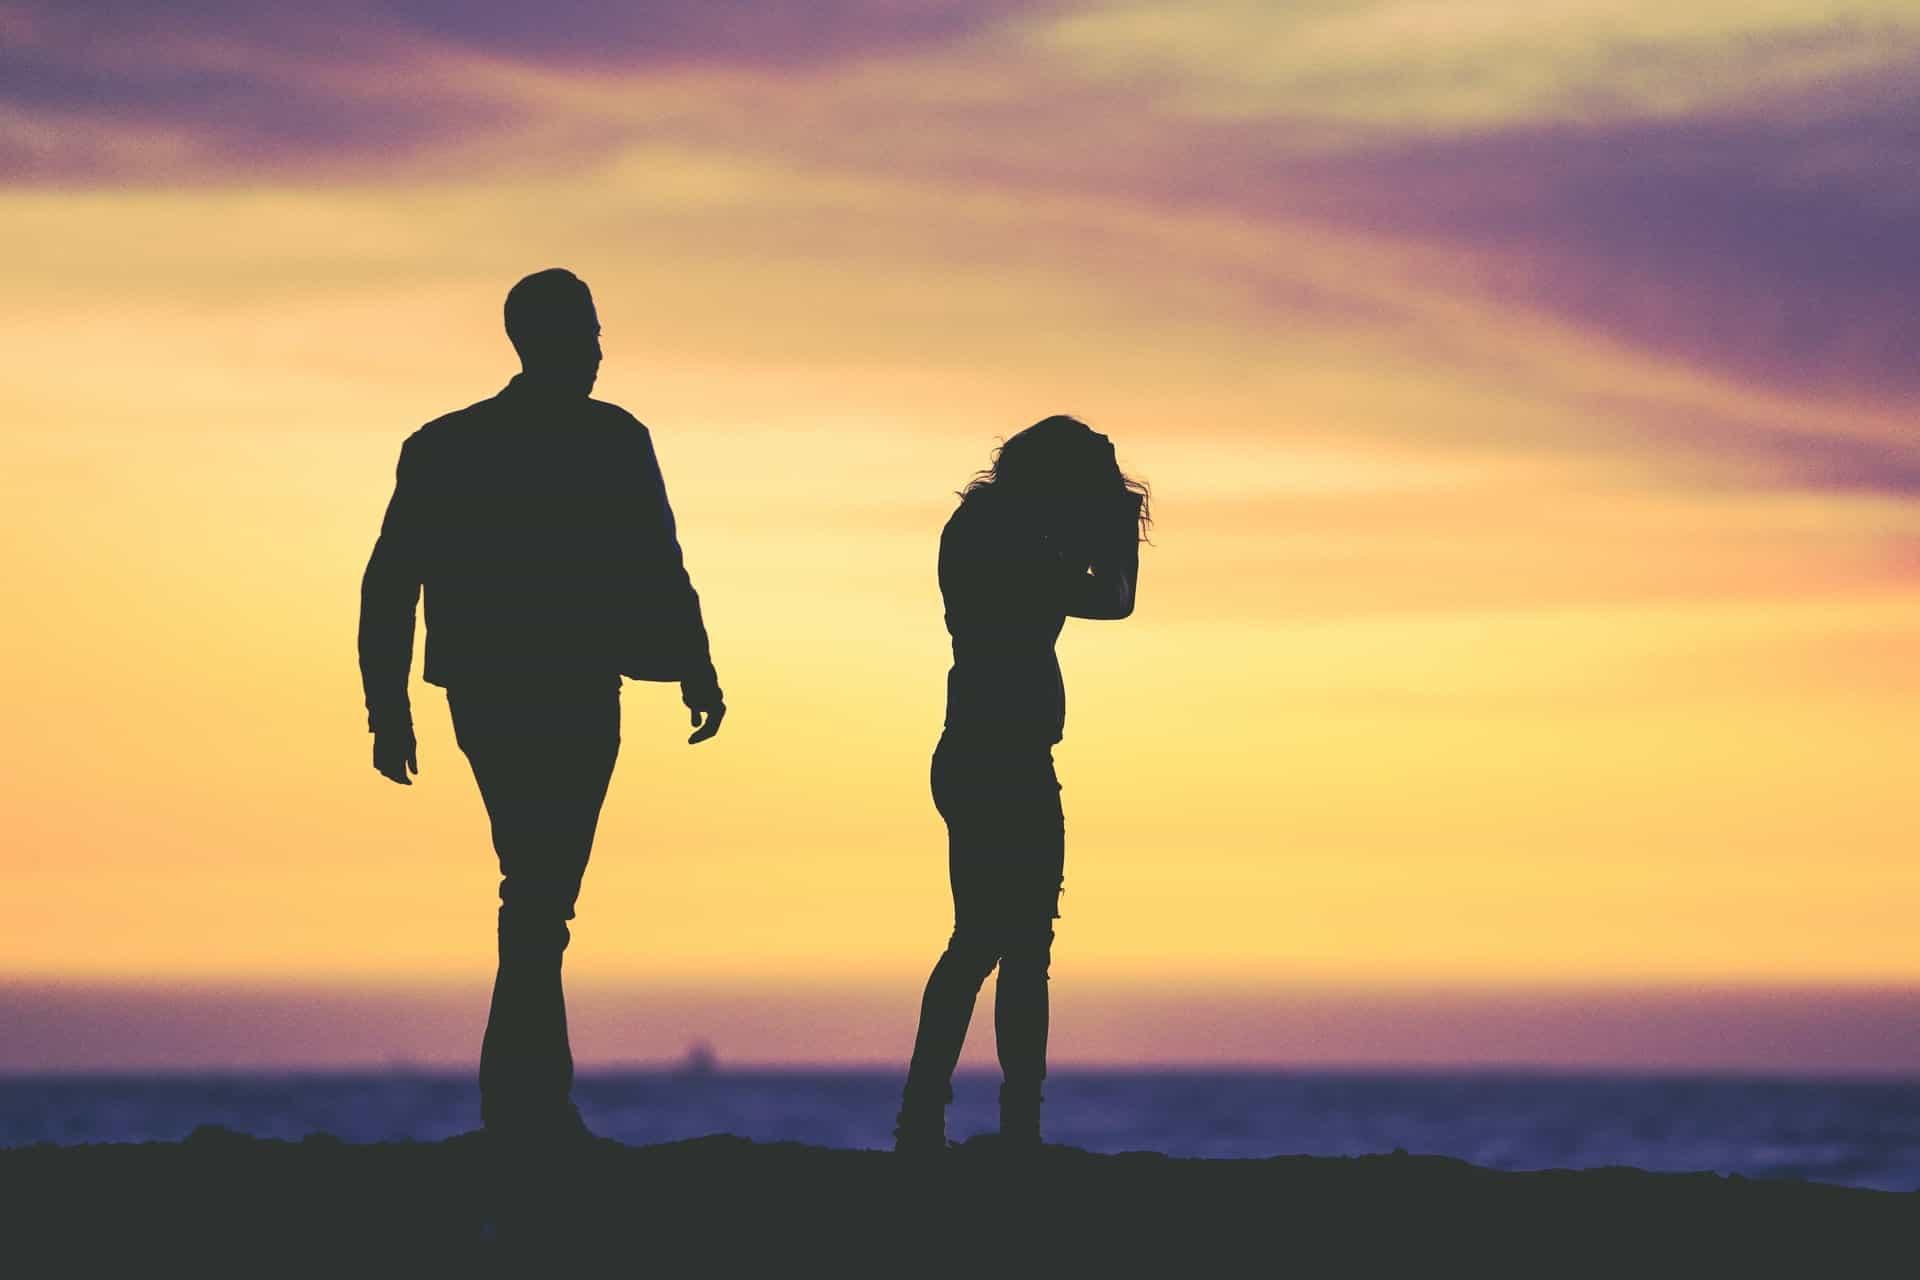 eine enttäuschte Frau neben einem Mann